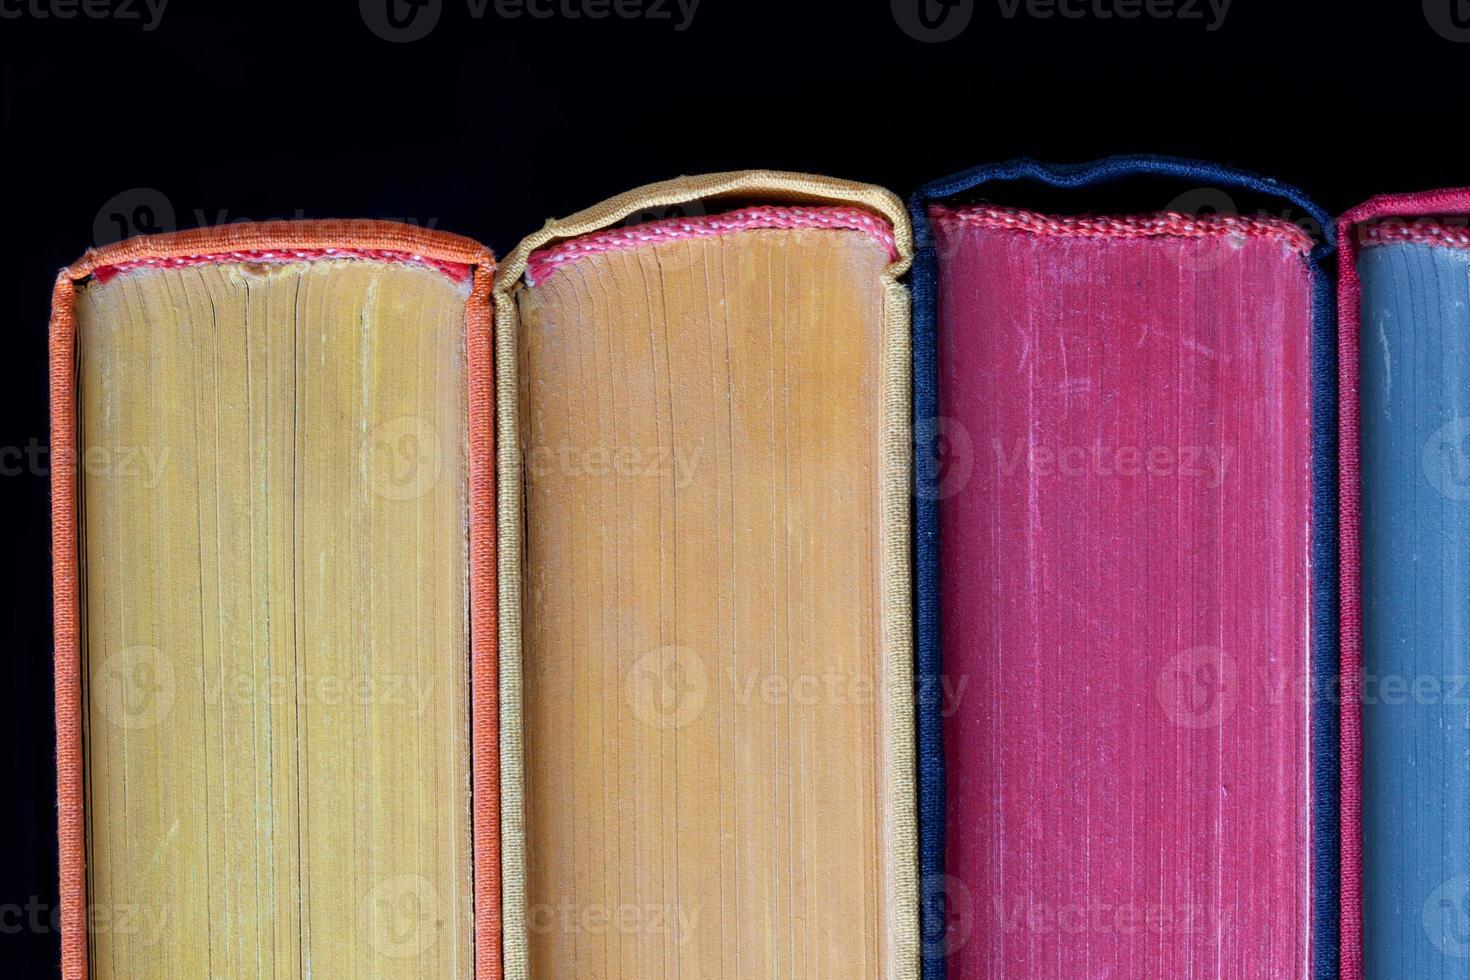 kleurrijke boeken. harde kaft. zwarte achtergrond. geïsoleerd foto